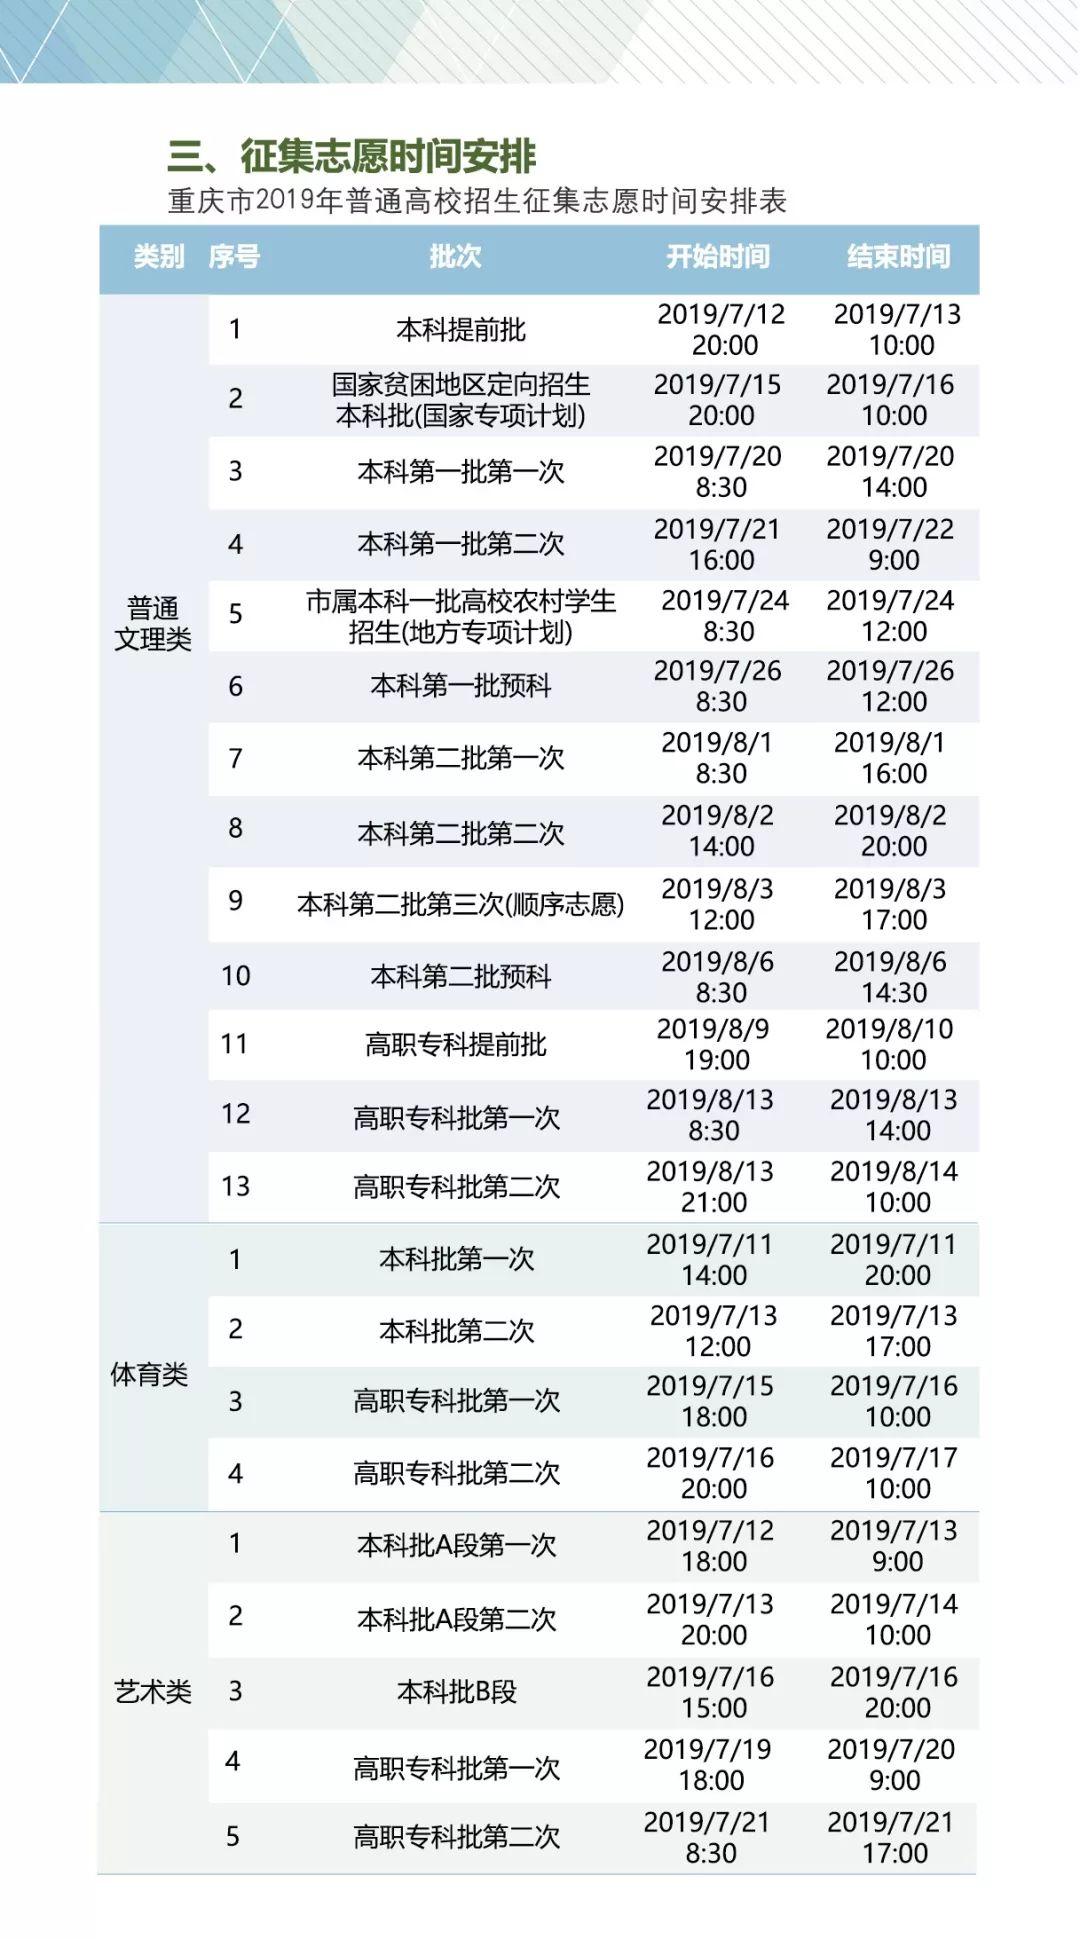 重庆市2019年高考志愿填报流程 录取进程 征集志愿时间安排 赶紧来看